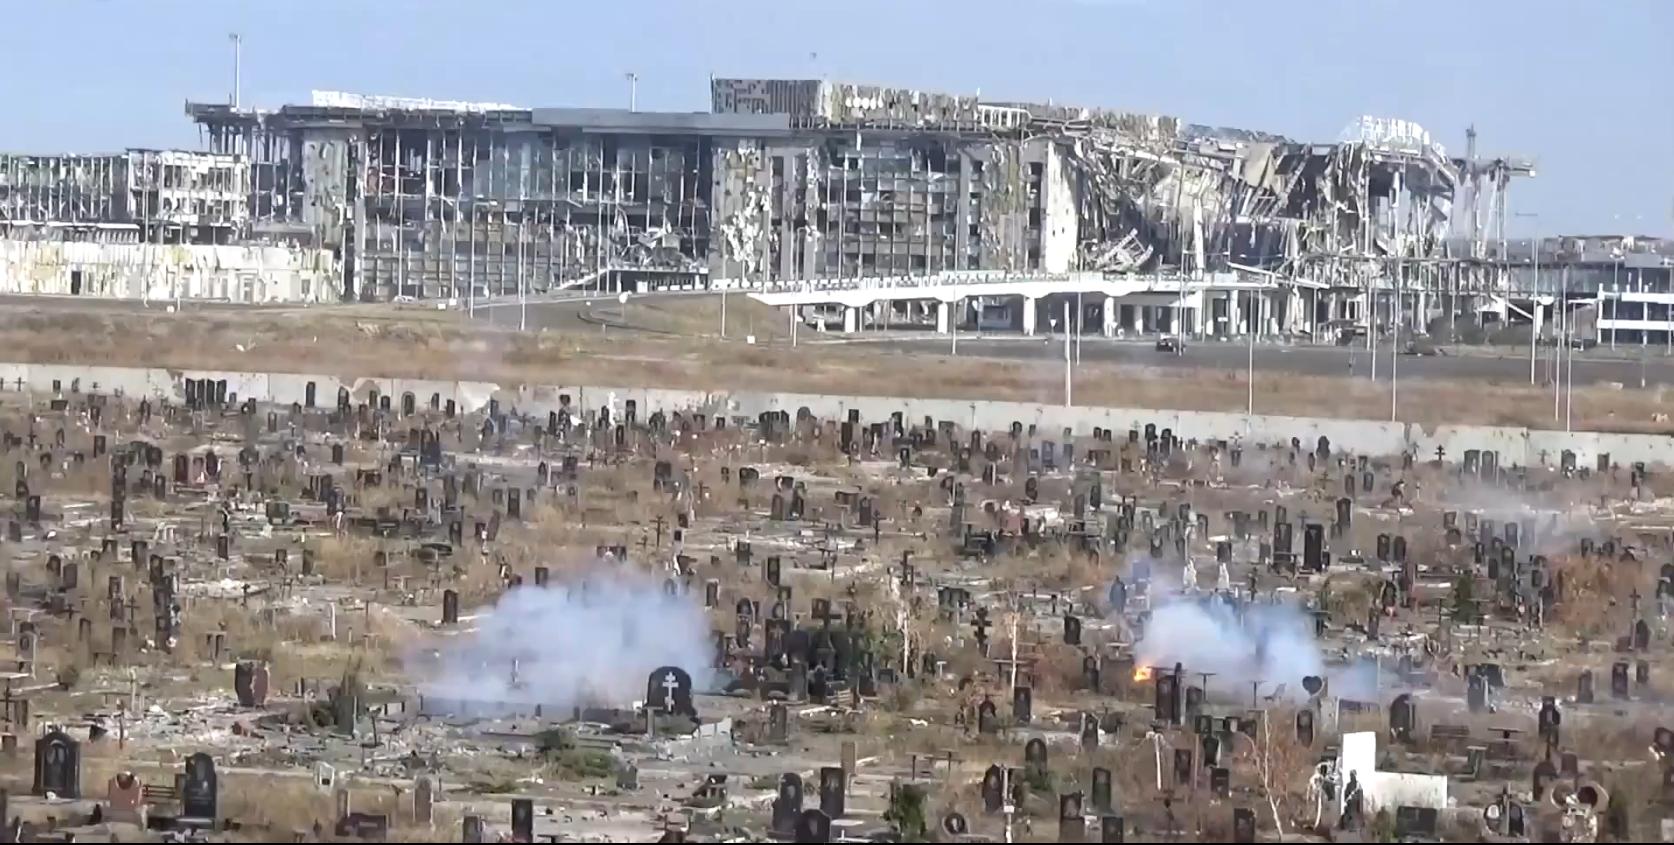 В районе Донецкого аэропорта потери боевиков составили до 60%, - Борислав Береза - Цензор.НЕТ 2511